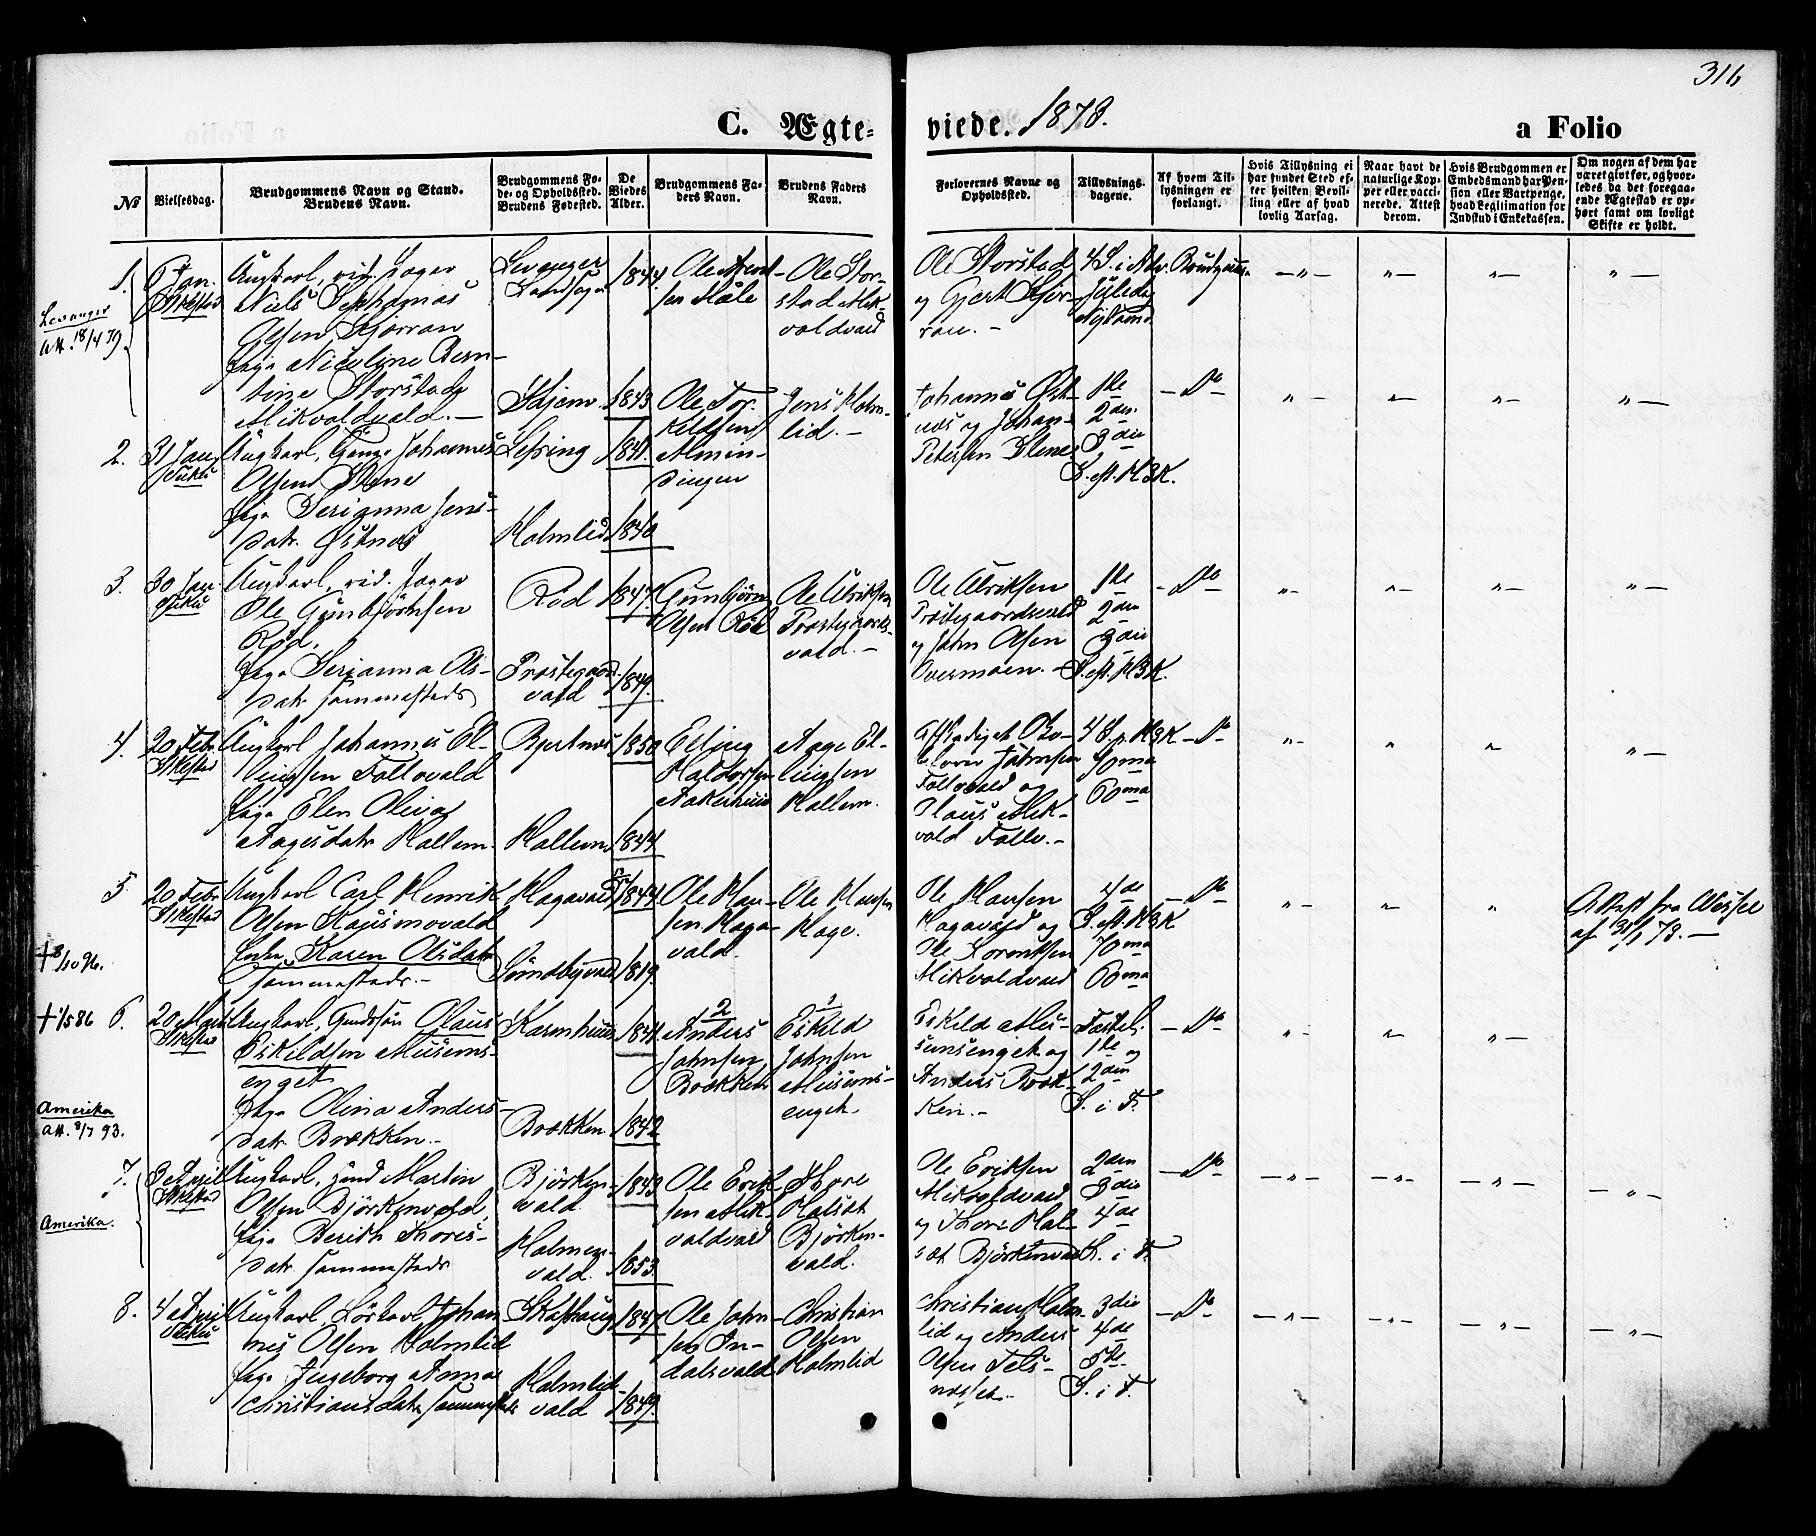 SAT, Ministerialprotokoller, klokkerbøker og fødselsregistre - Nord-Trøndelag, 723/L0242: Ministerialbok nr. 723A11, 1870-1880, s. 316